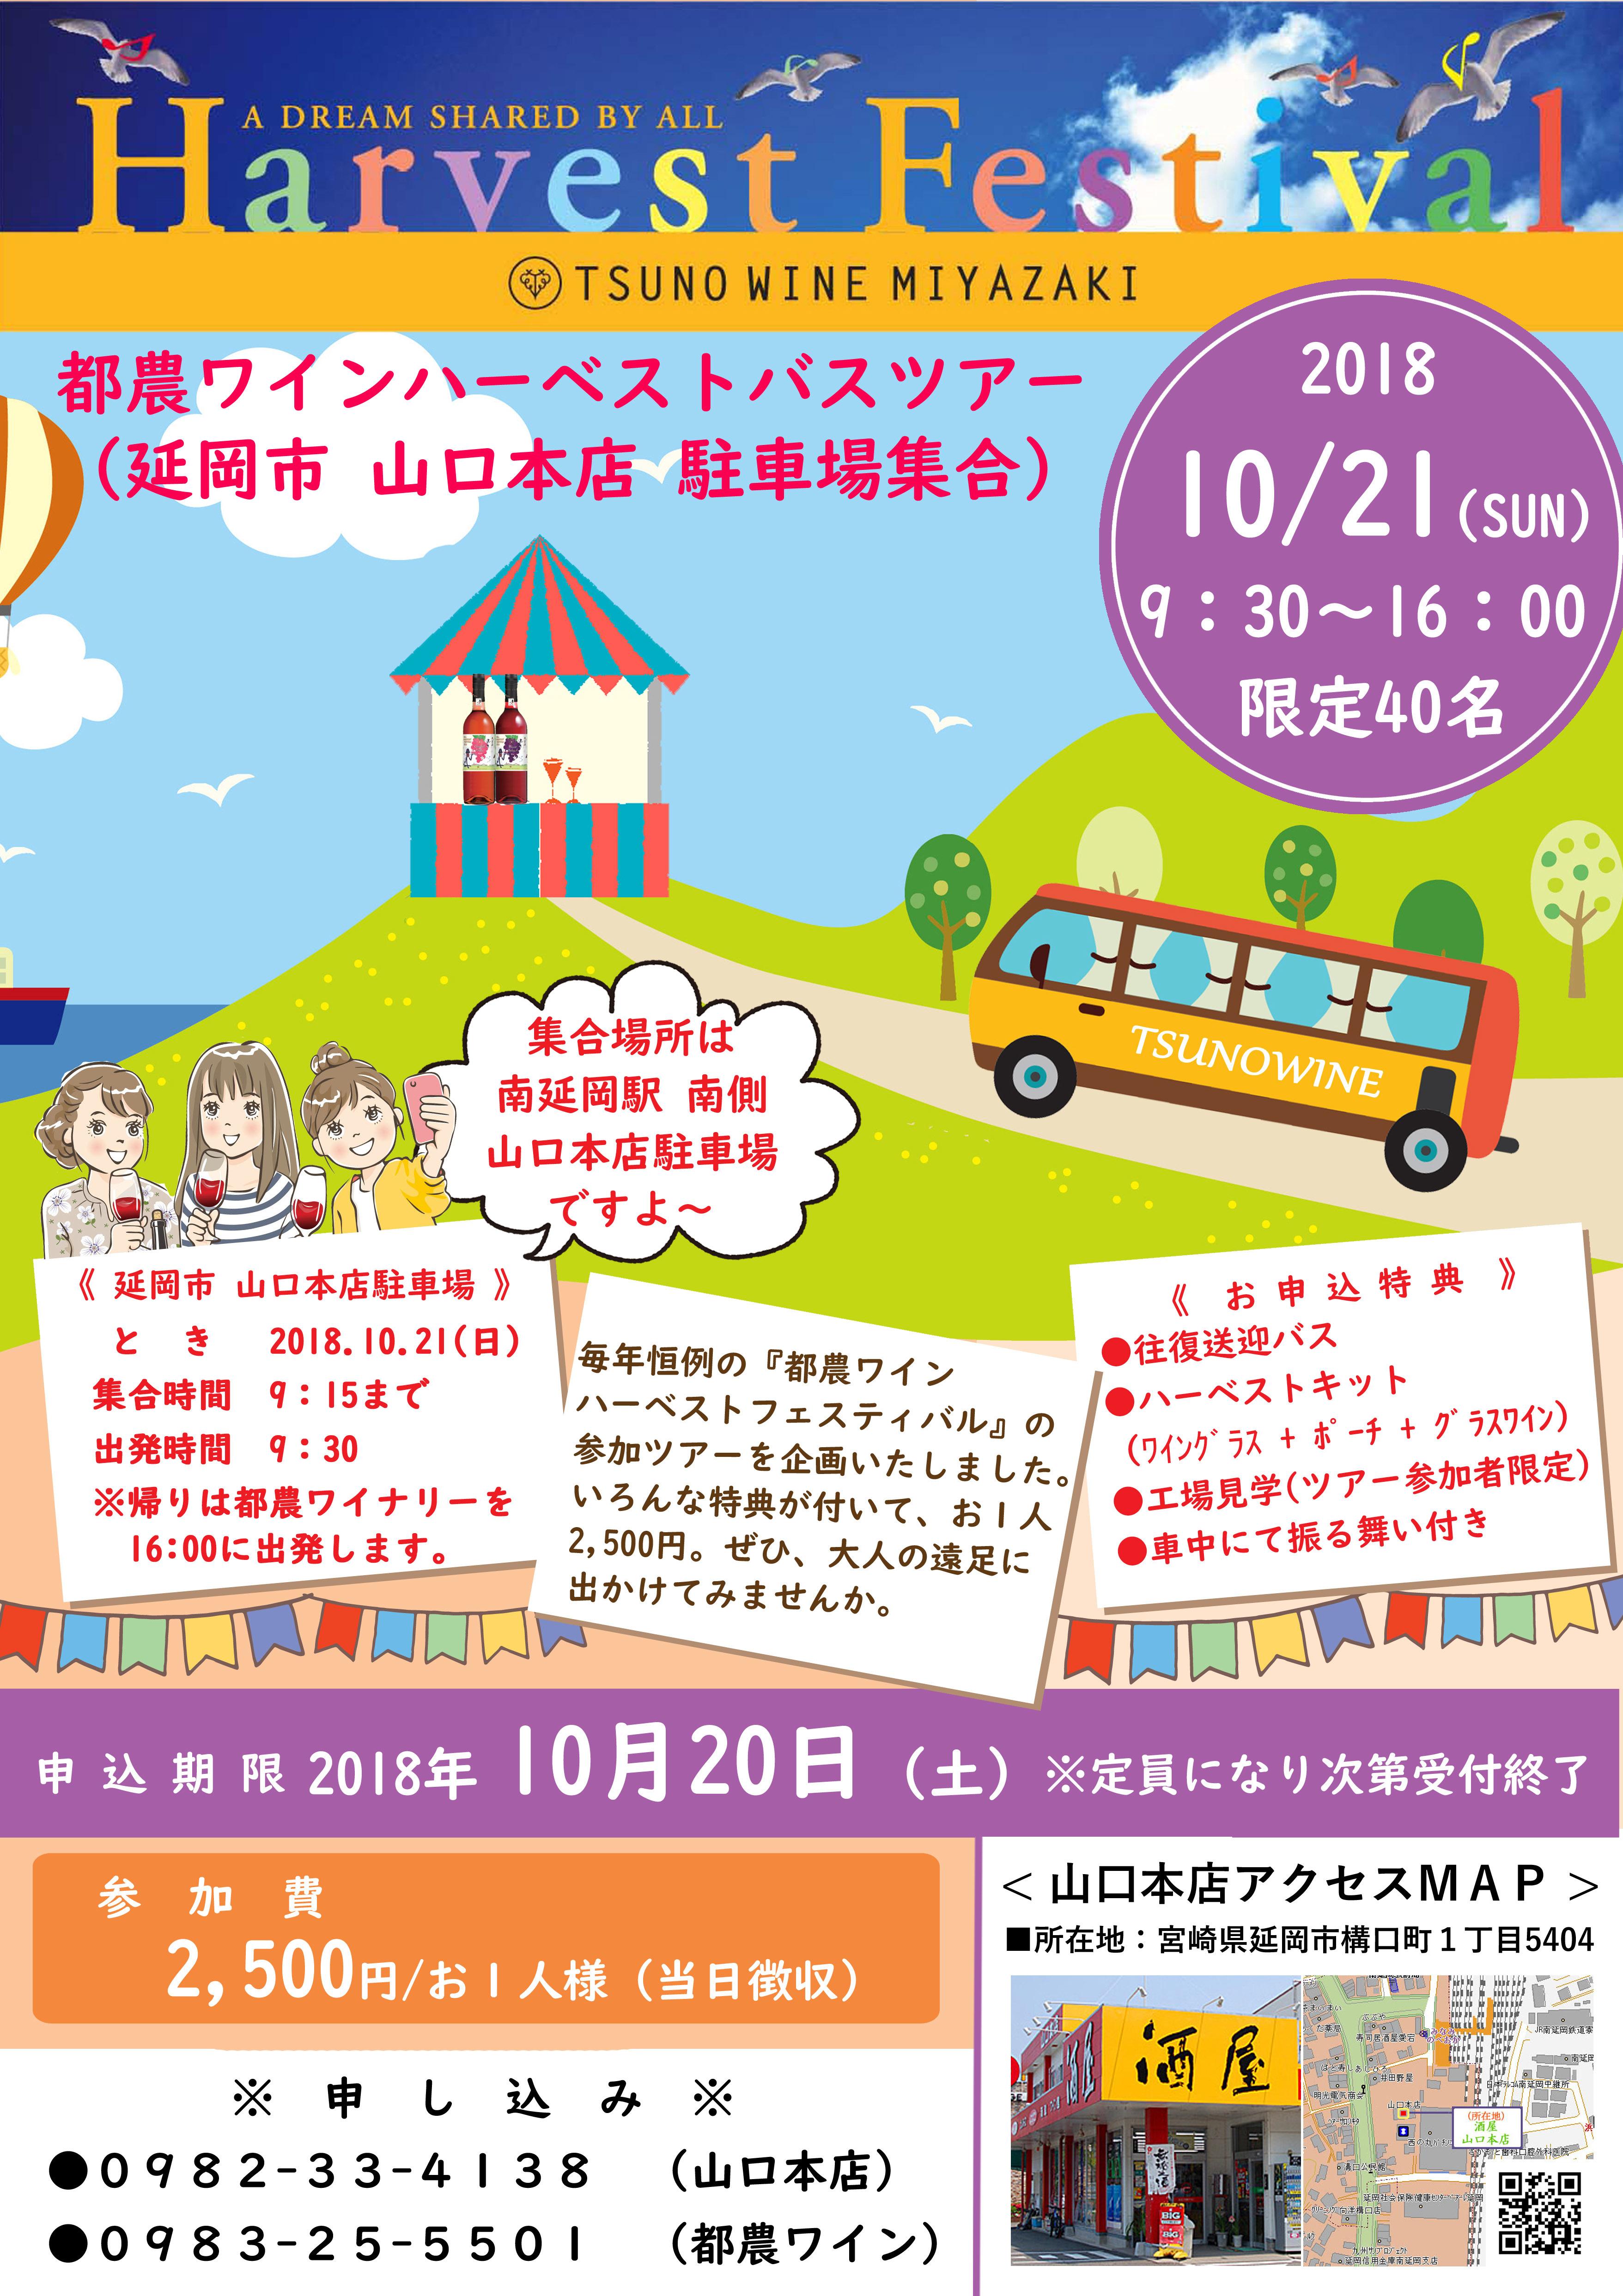 2018ハーベストツアーバス申込 (延岡発)